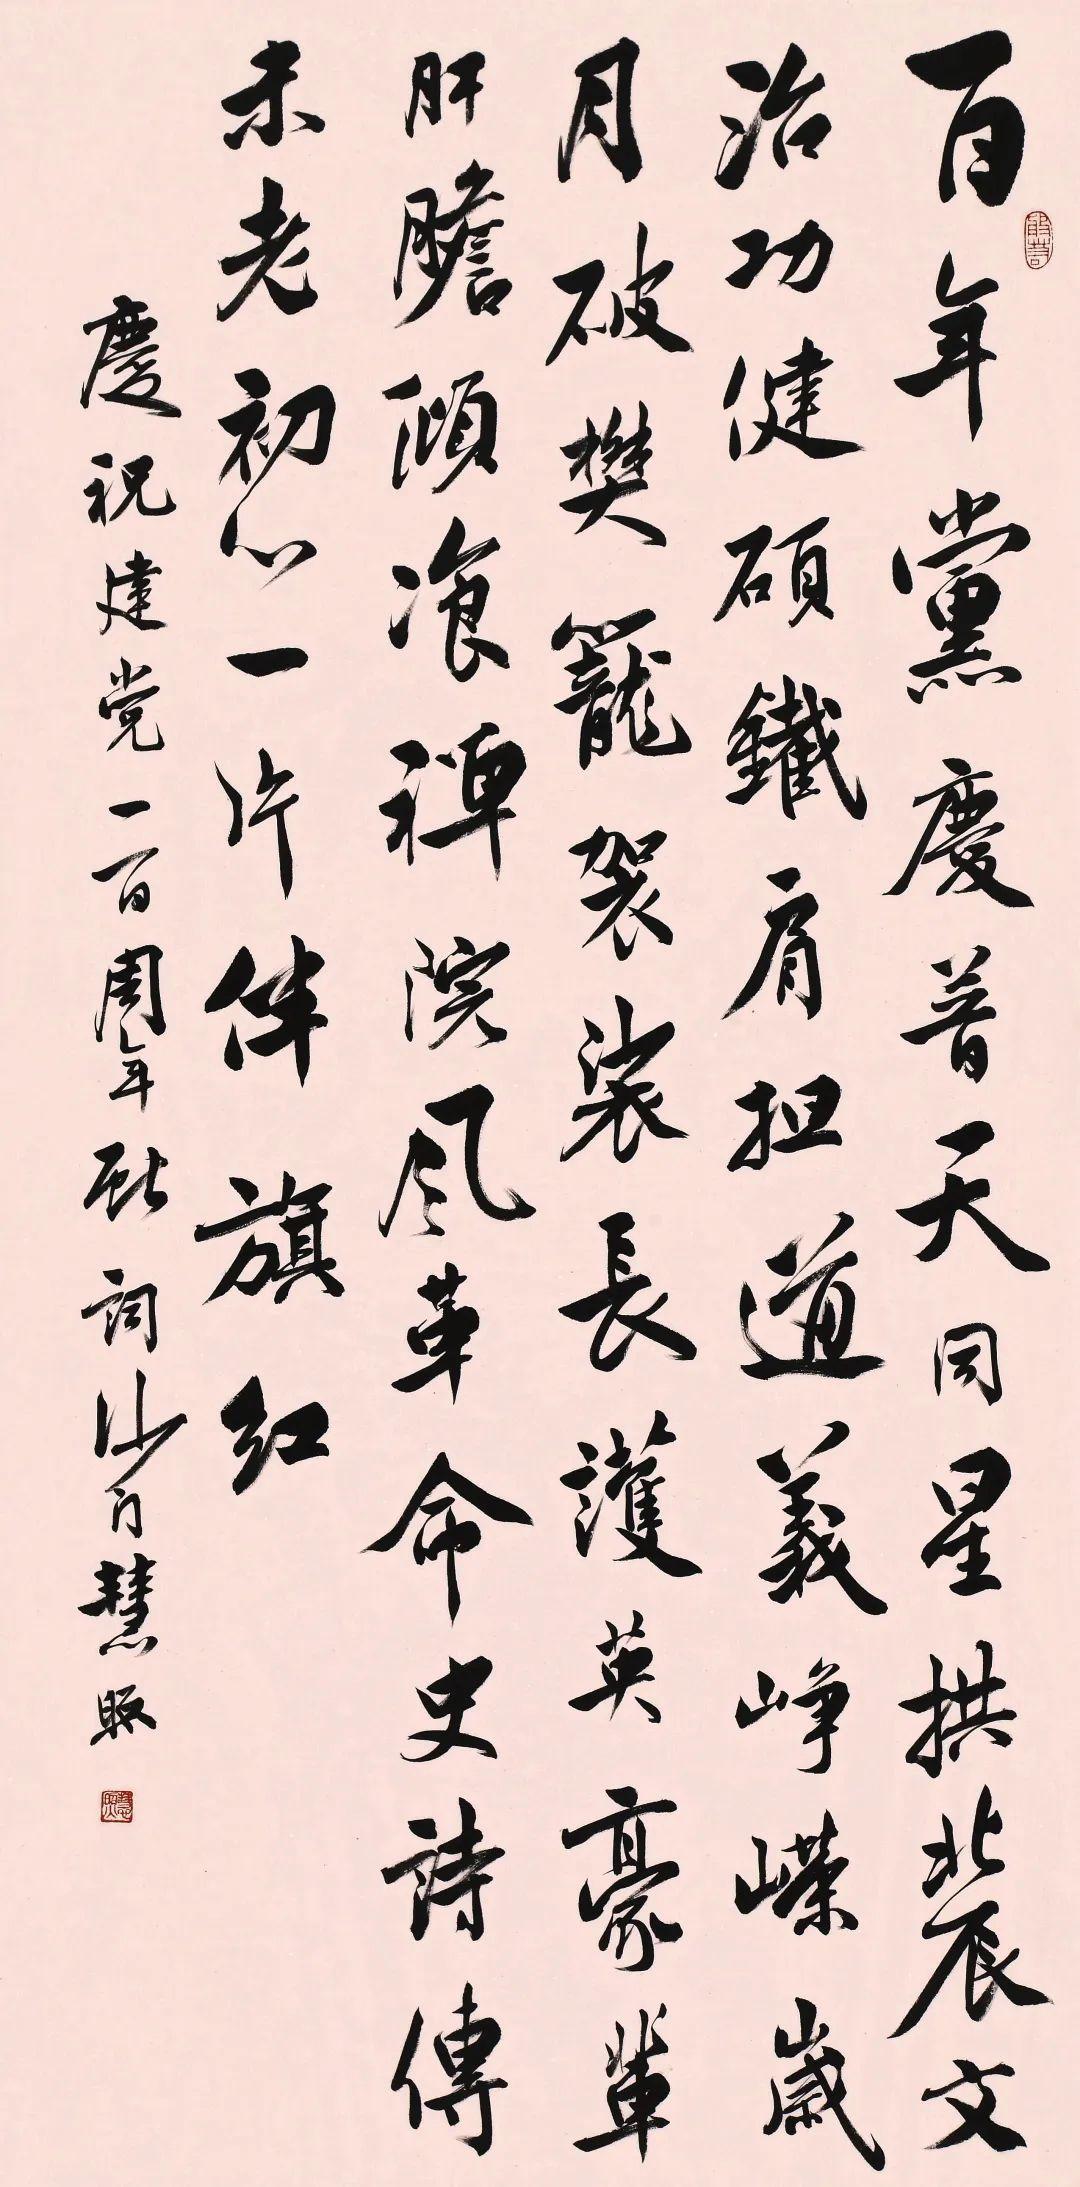 宁德市佛教协会副会长、福安市佛教协会会长、福安市天马山天堂寺方丈慧照大和尚